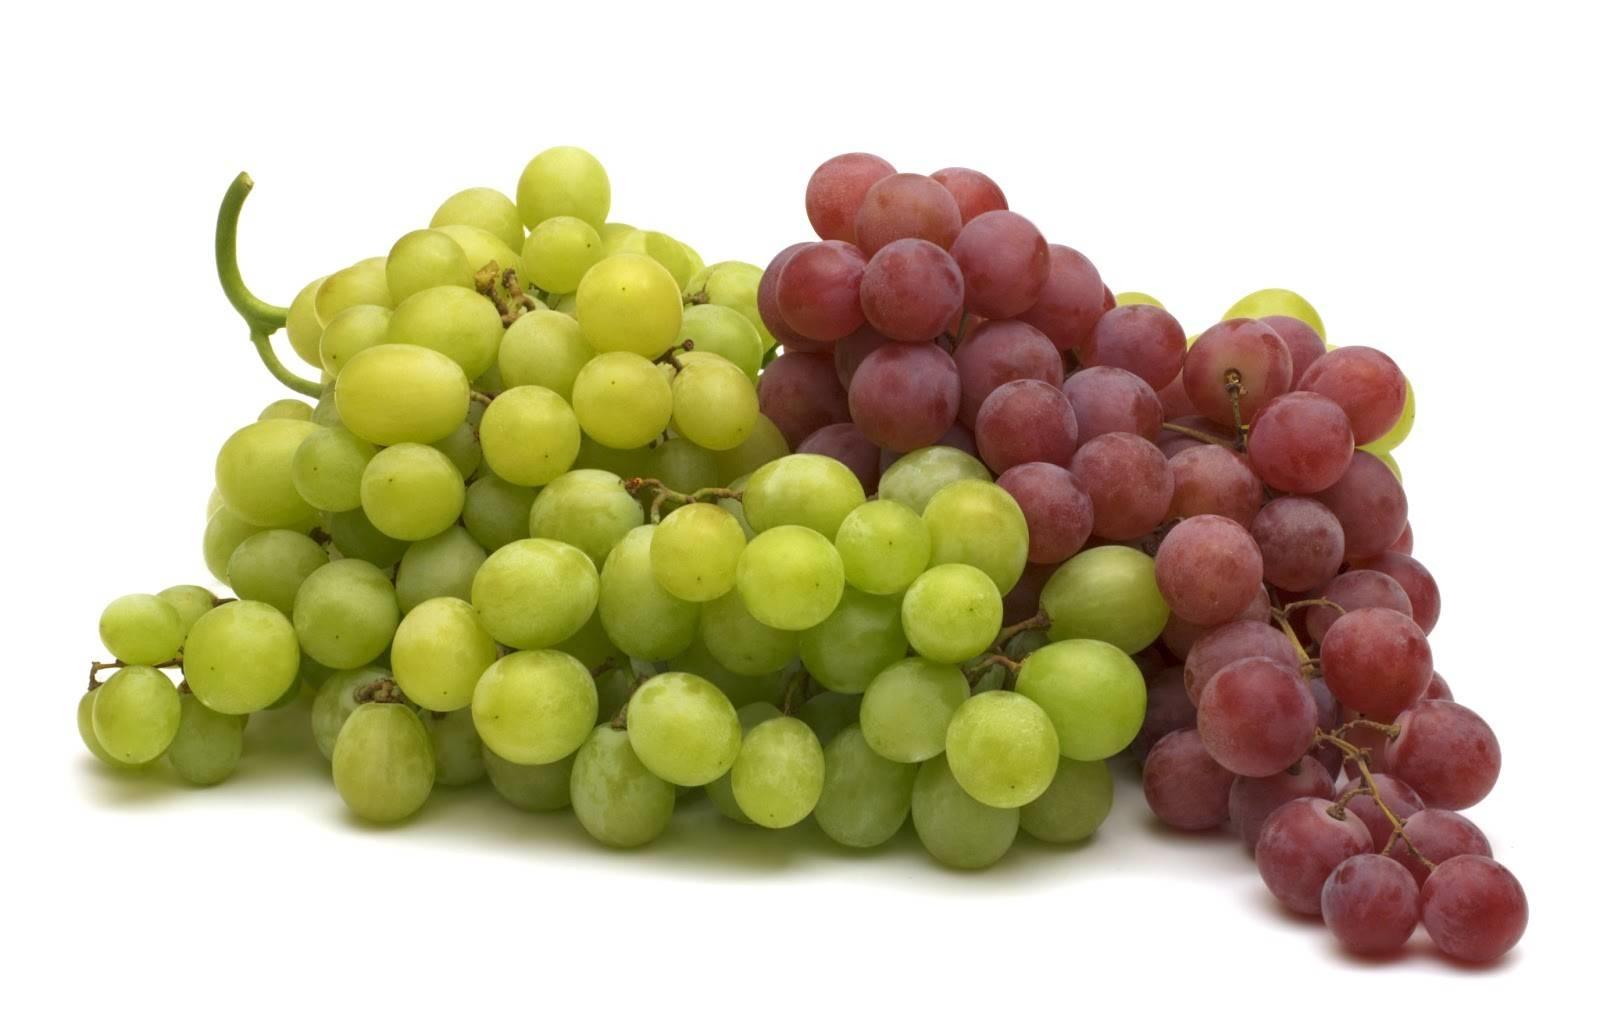 Coltivazione uva da tavola curiosit uva - Uva da tavola coltivazione ...